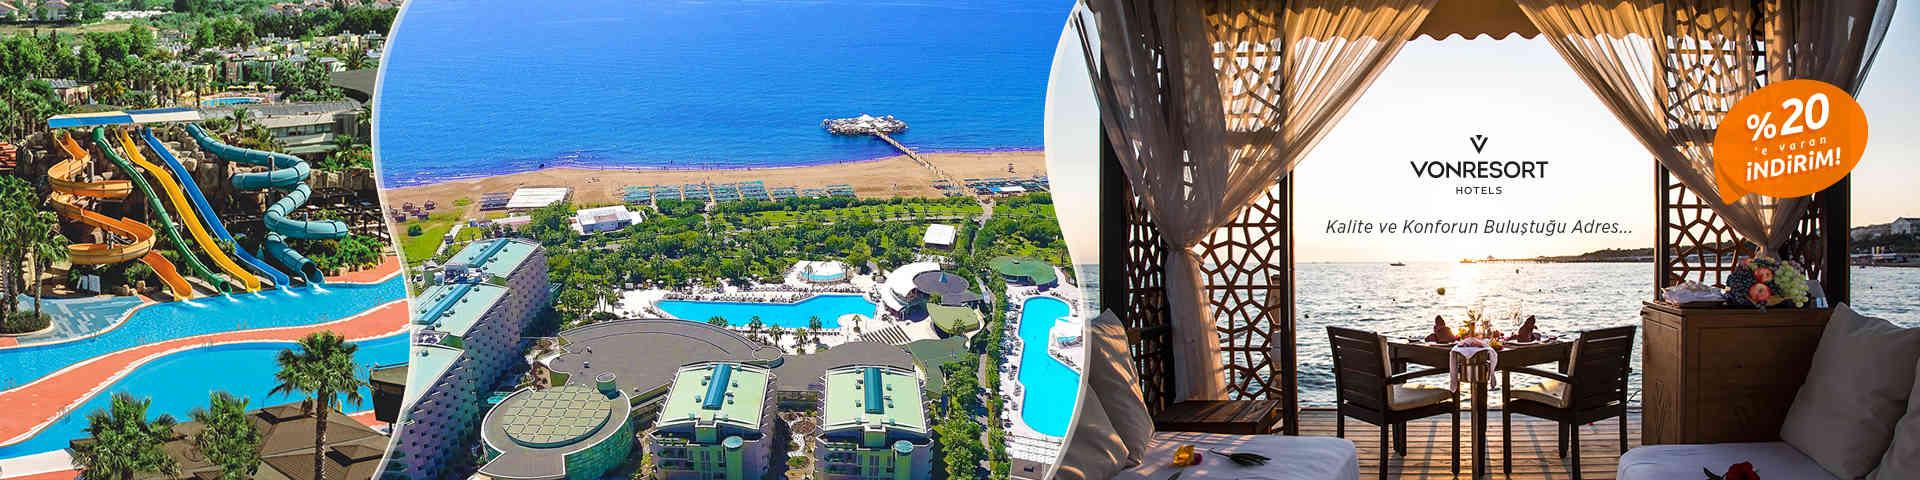 Vonresort Hotels